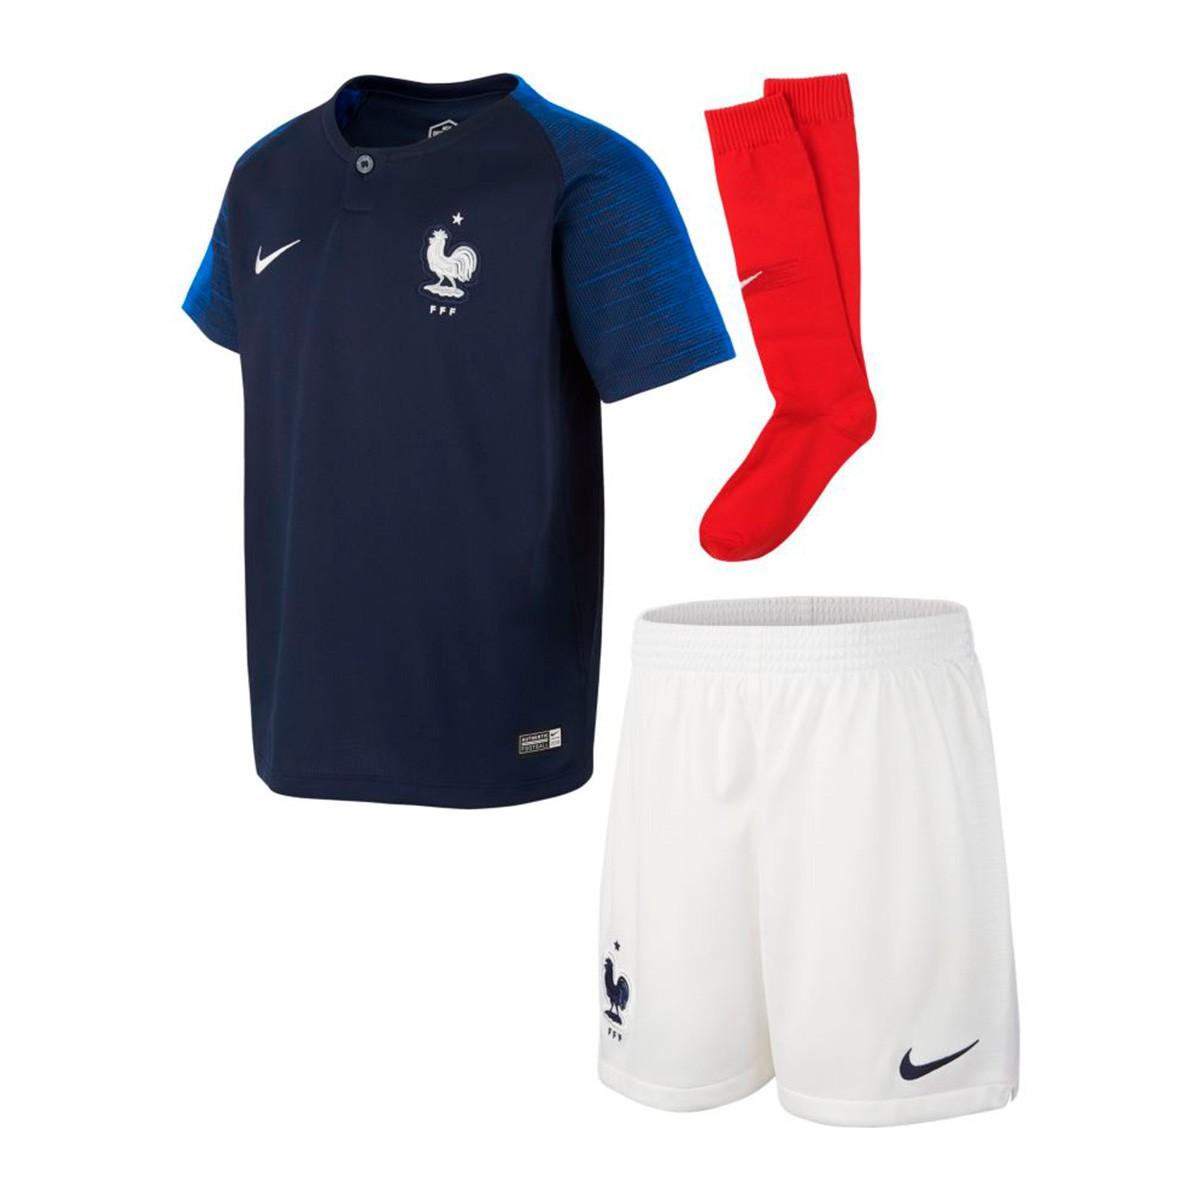 best sneakers 82fac 31647 Conjunto Nike Francia Breathe Primera Equipación 2018-2019 Niño  Obsidian-White - Soloporteros es ahora Fútbol Emotion